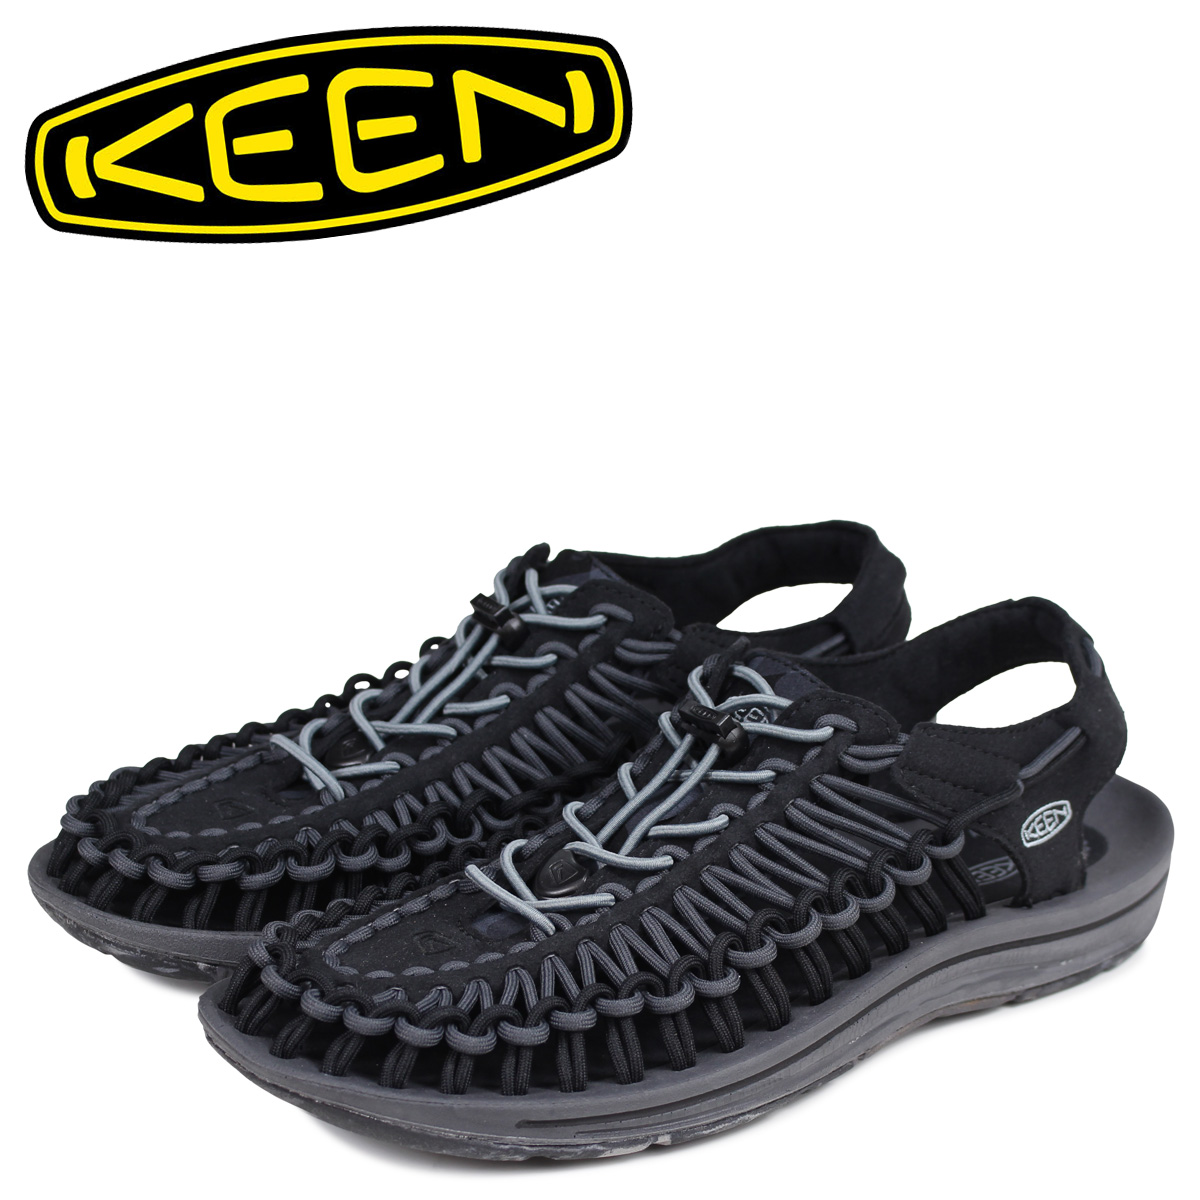 キーン KEEN ユニーク サンダル スポーツサンダル メンズ UNEEK ブラック 黒 1020778